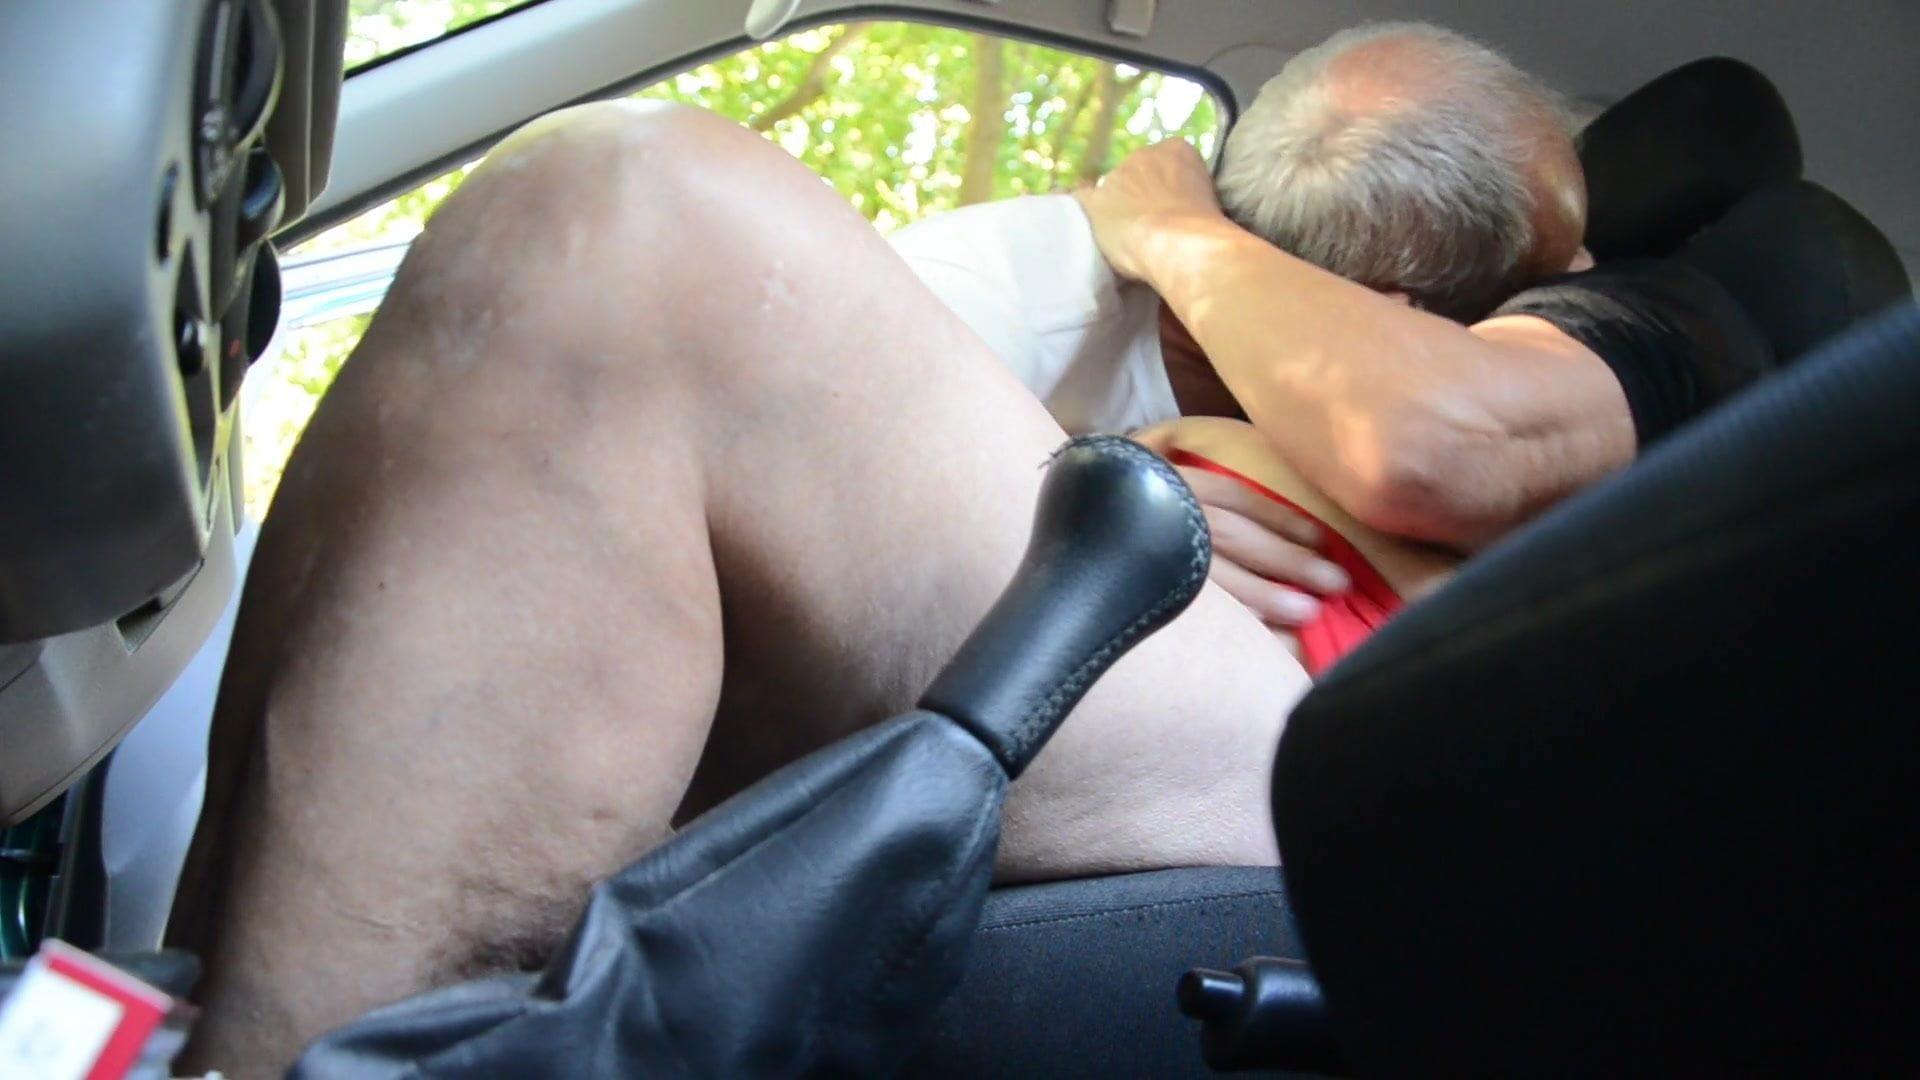 Female Public Car Masturbation